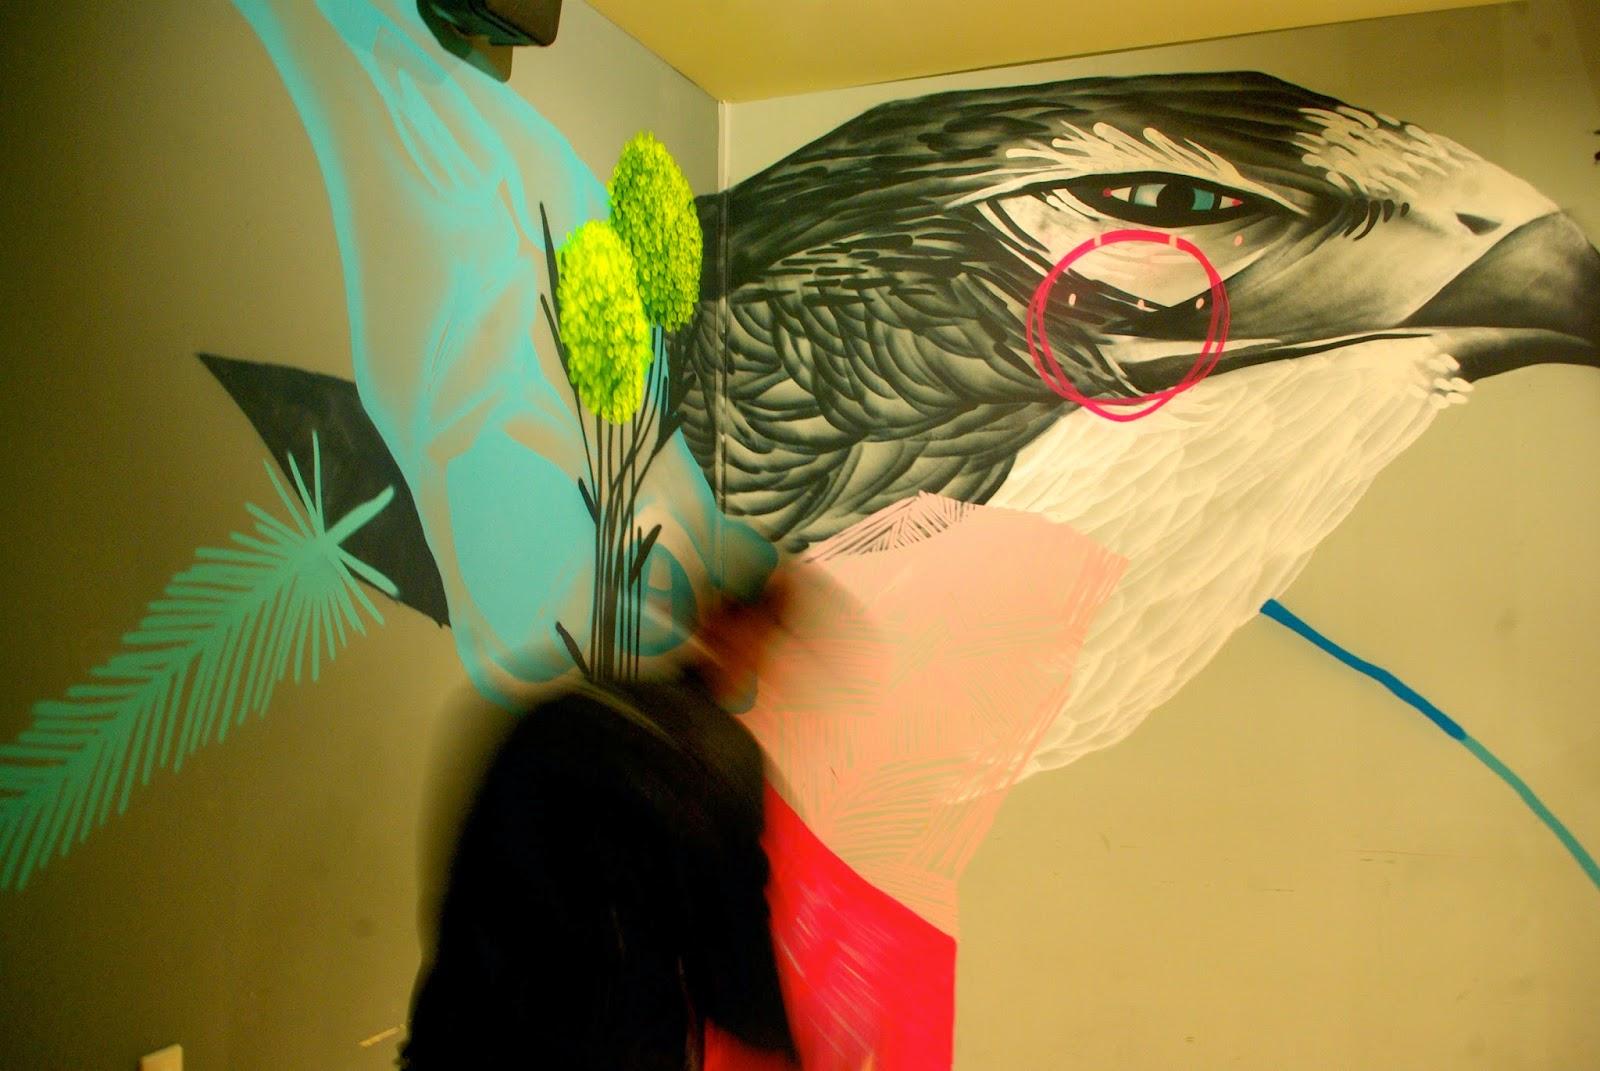 twoone-a-series-of-murals-in-nagoya-japan-07